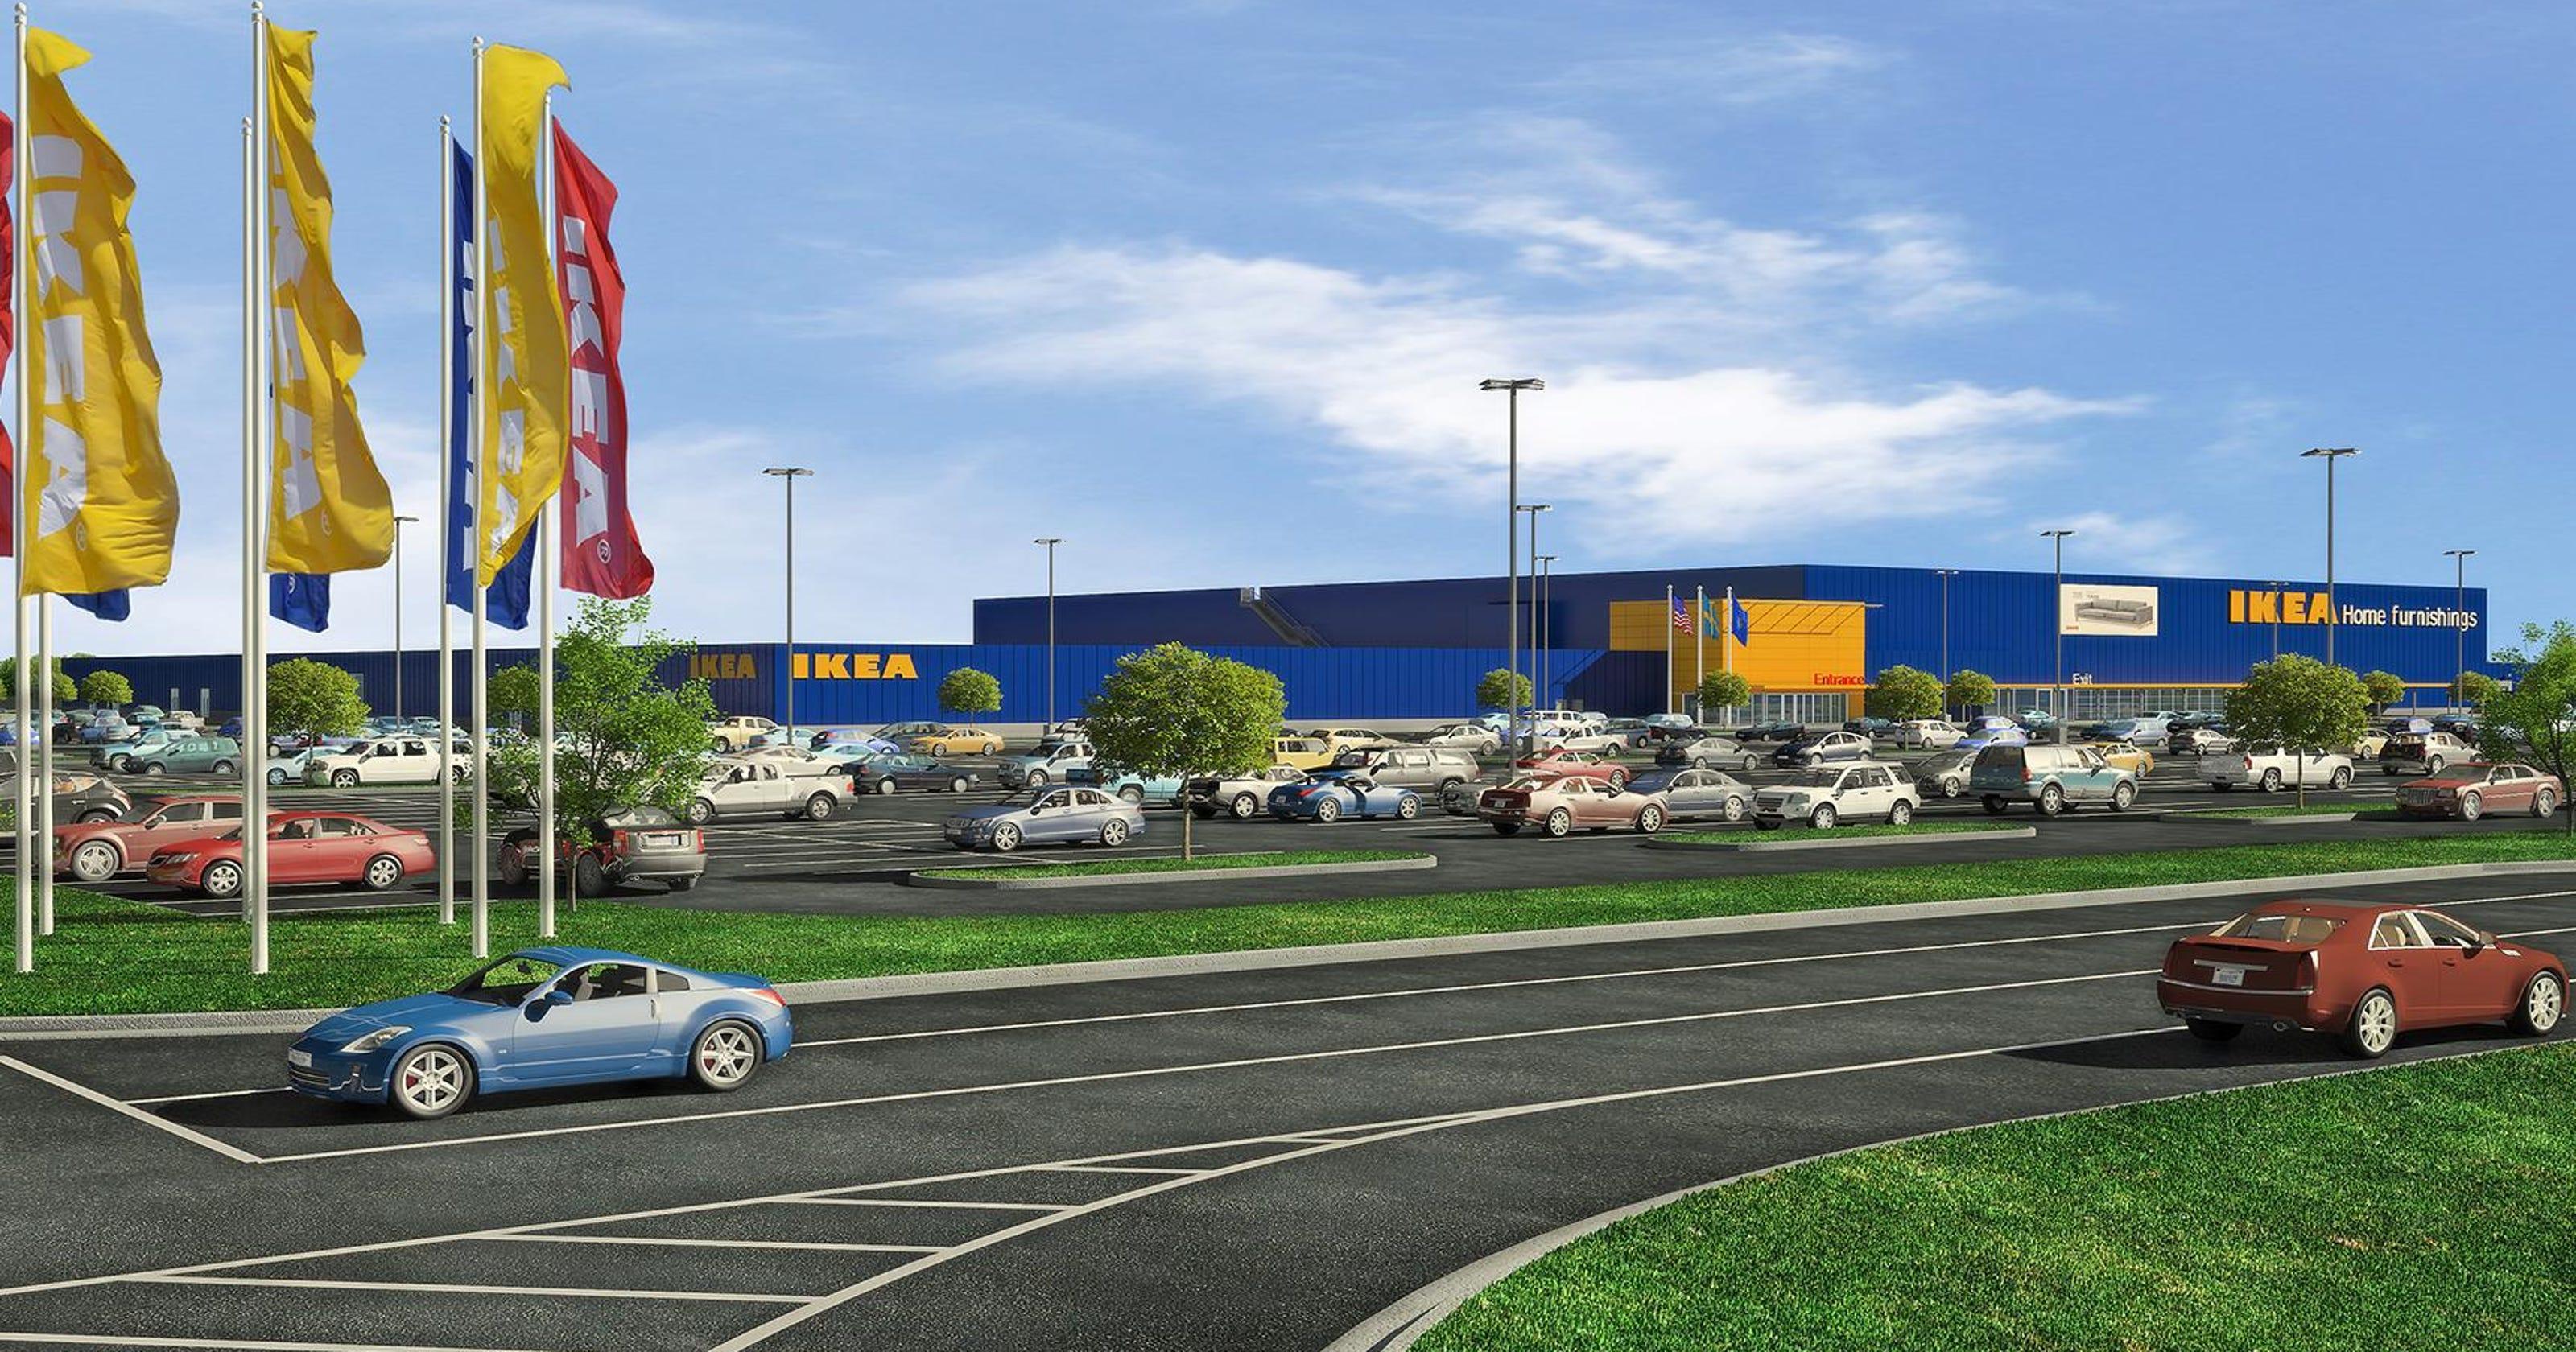 Ikea Ready To Break Ground In Oak Creek As Retail Field Overall